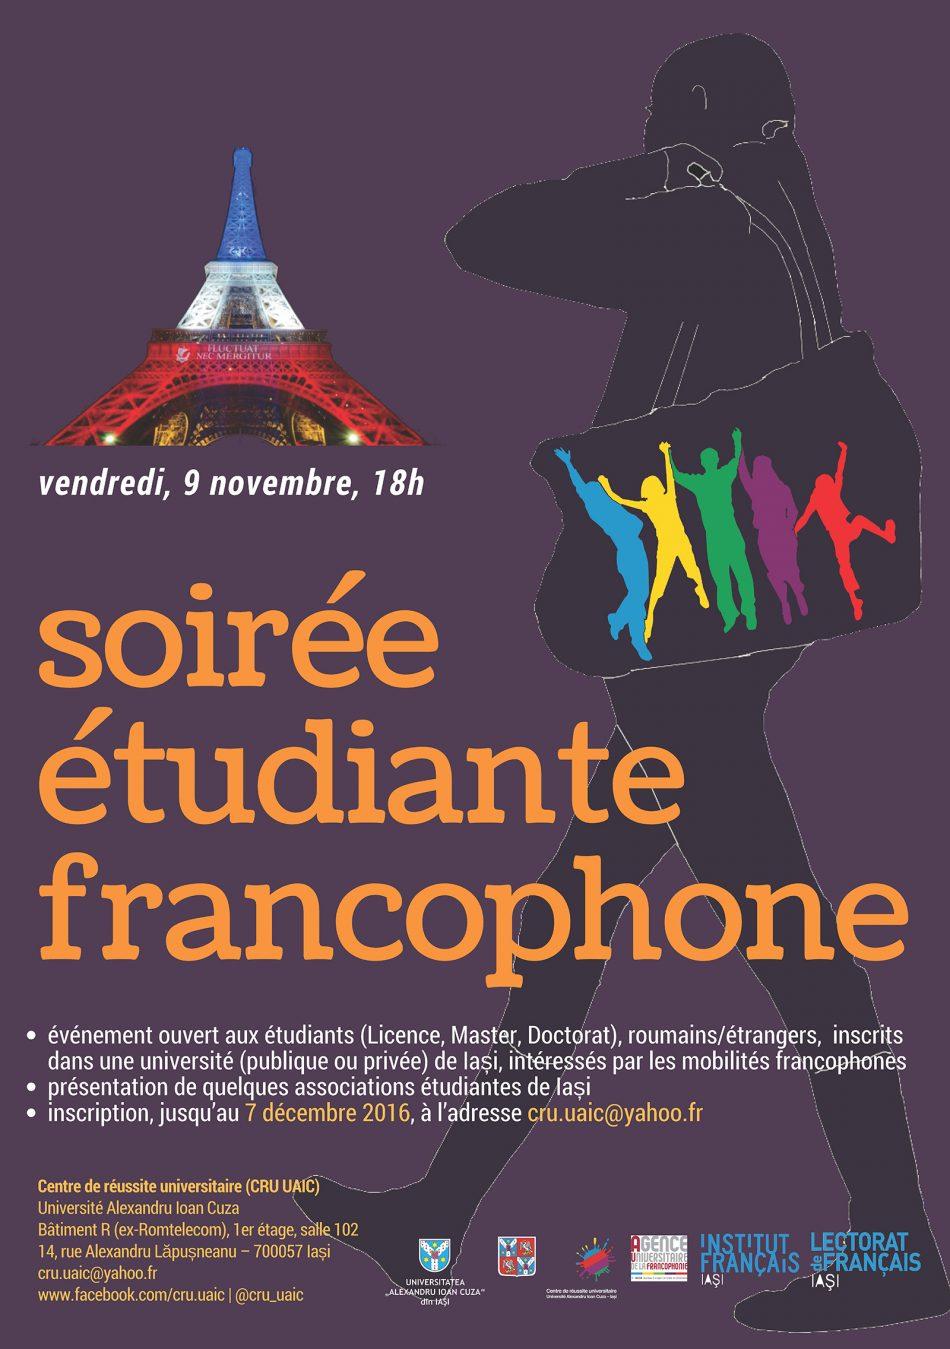 Soiree Etudiante Francophone Universitatea Alexandru Ioan Cuza